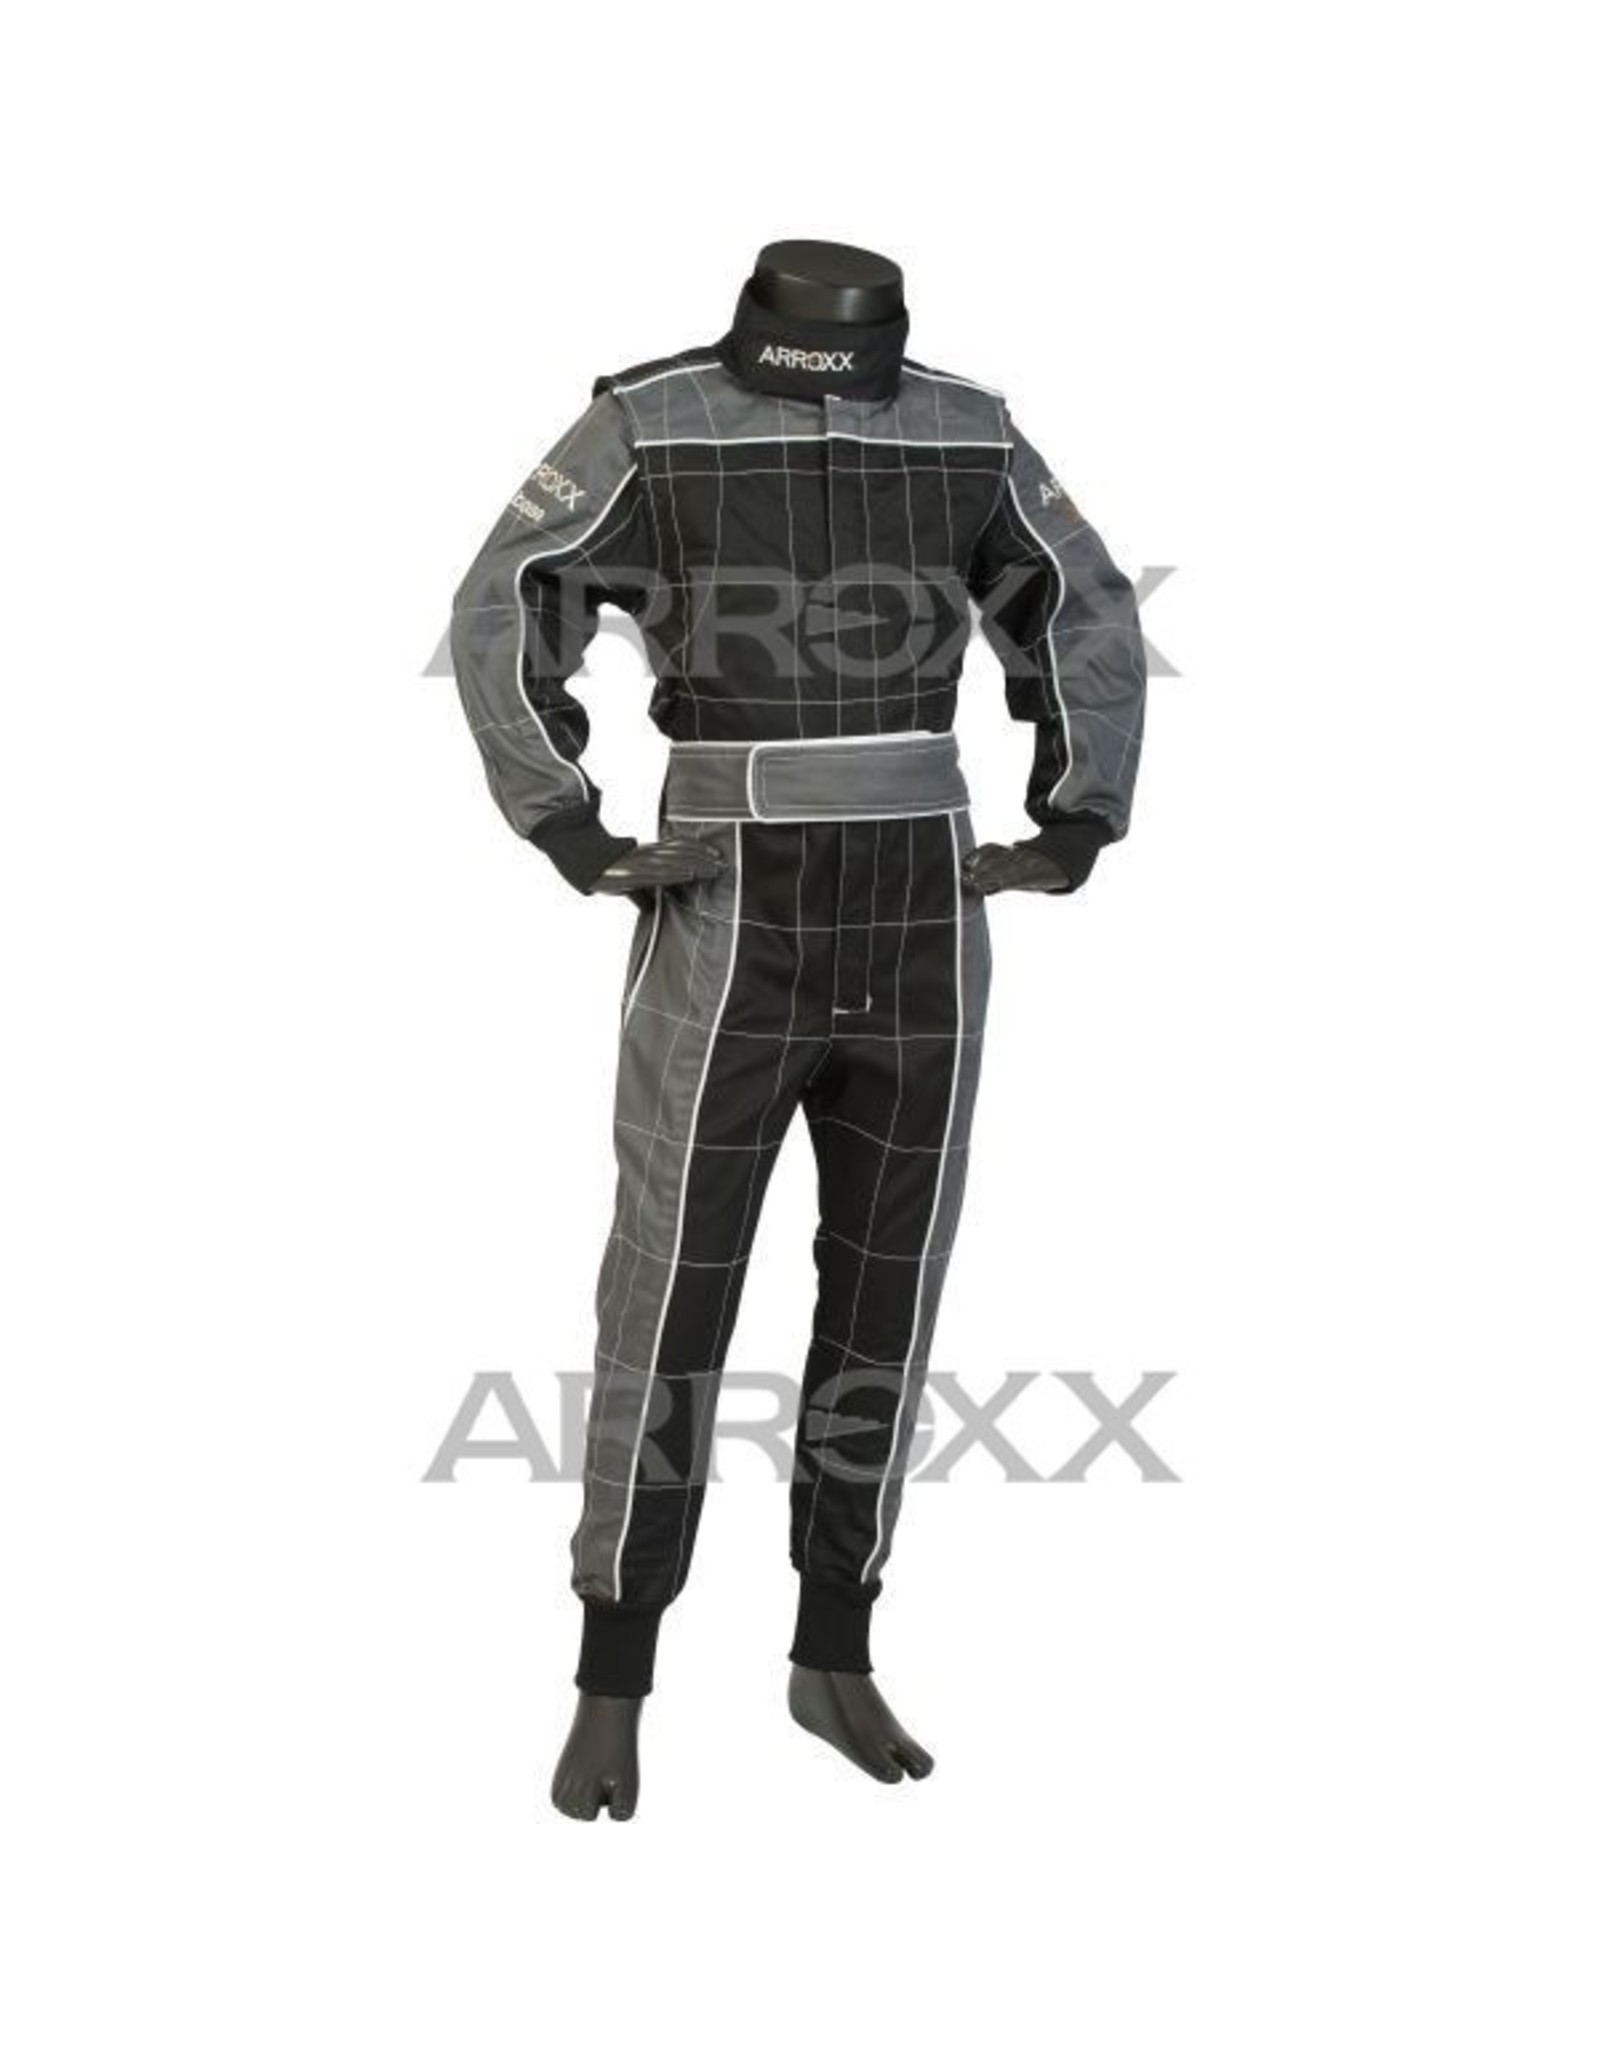 Arroxx Arroxx overall katoen  Zwart / grijs